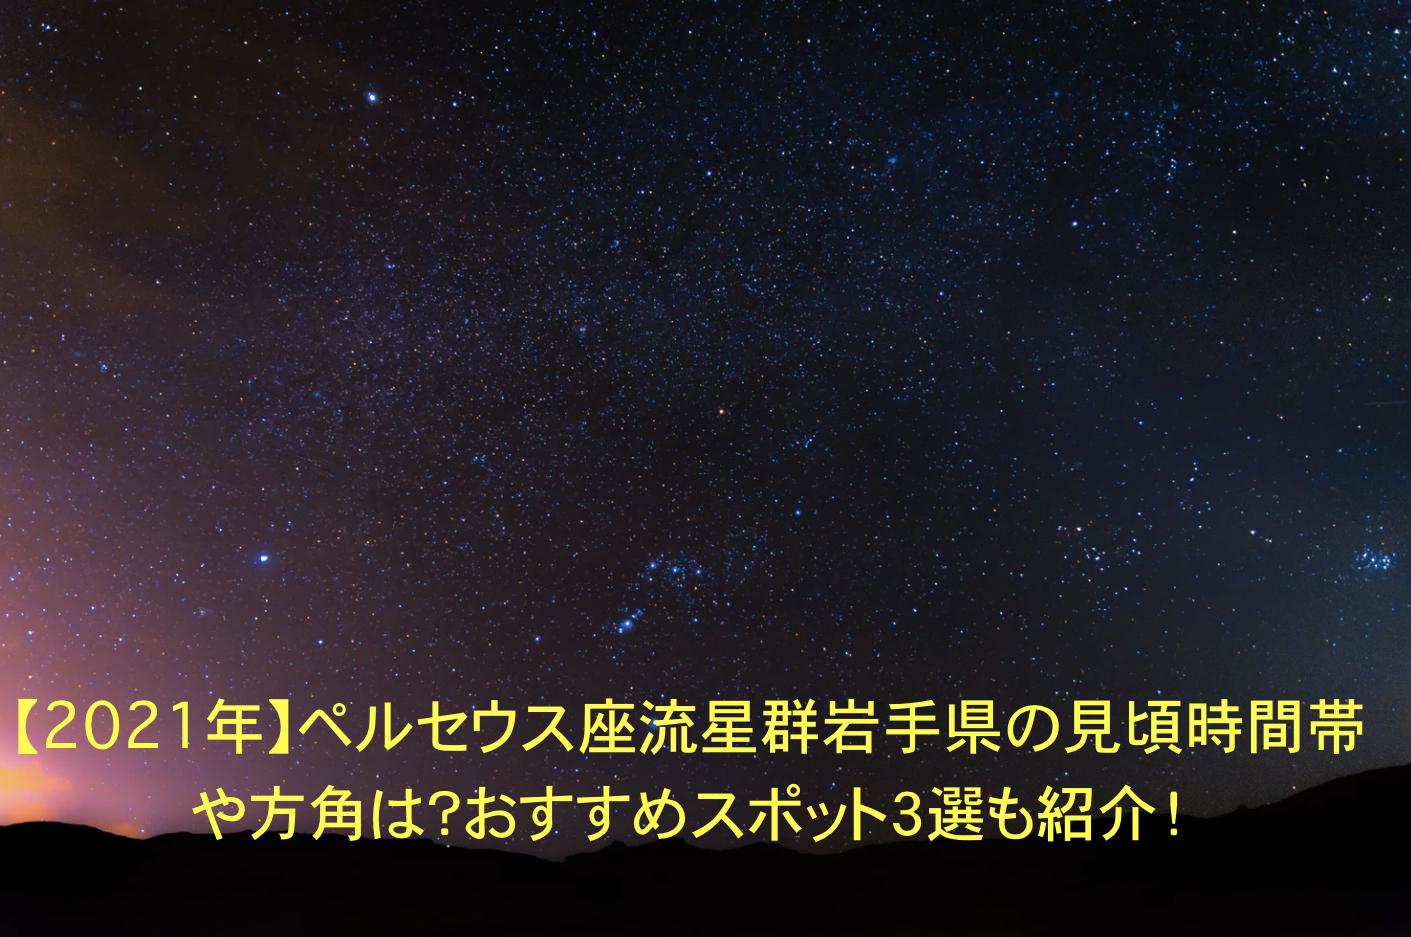 ペルセウス座流星群 岩手 見頃 時間帯 方角 オススメスポット